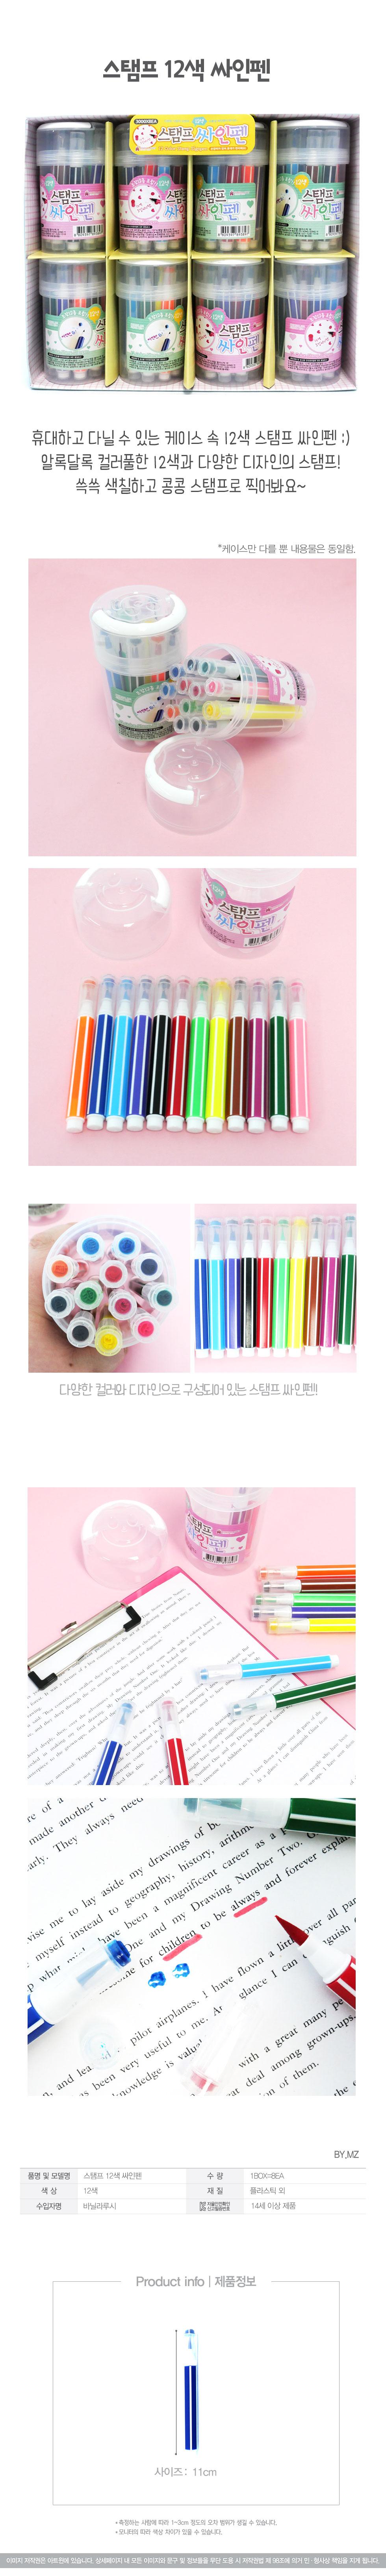 3000스탬프12색싸인펜BOX(8) - 아트윈, 23,900원, 수성/중성펜, 수성/중성펜 세트